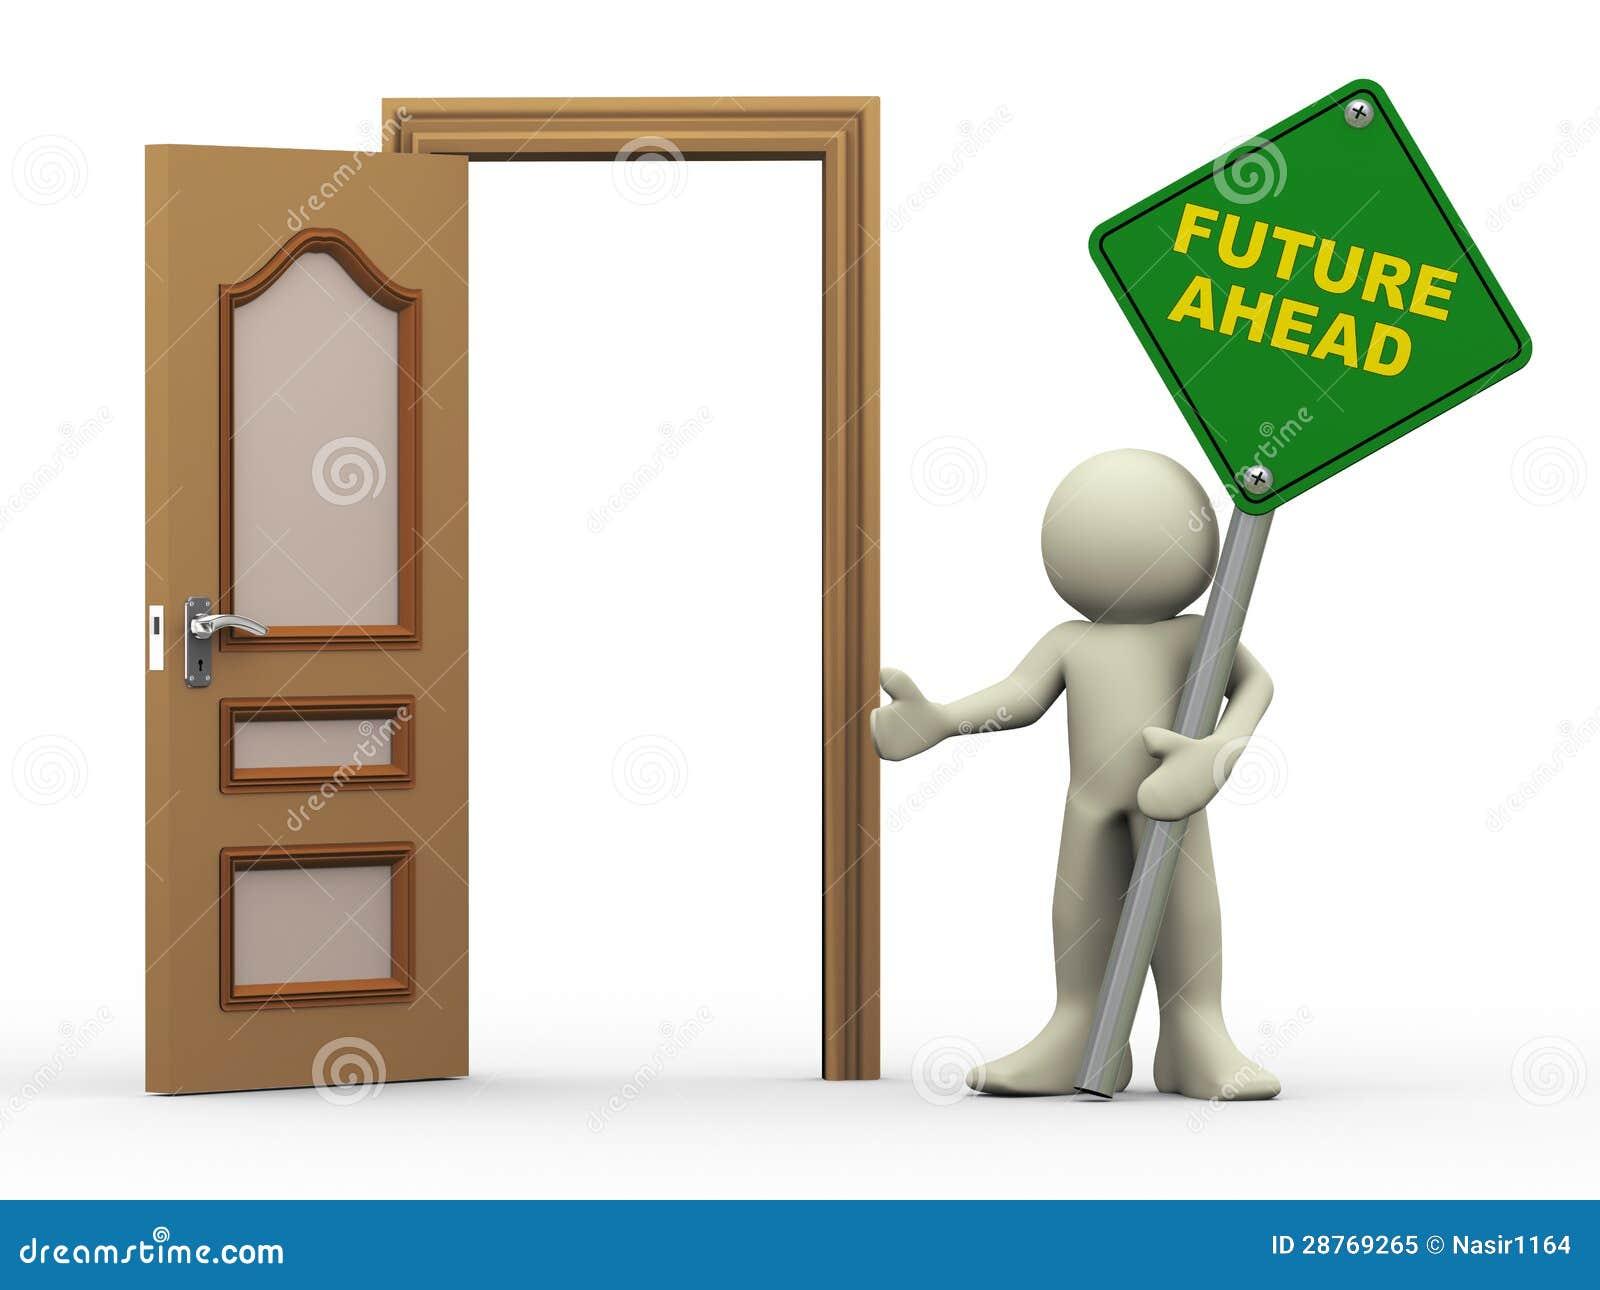 Mann 3d, offene Tür und Zukunft voran kennzeichnet